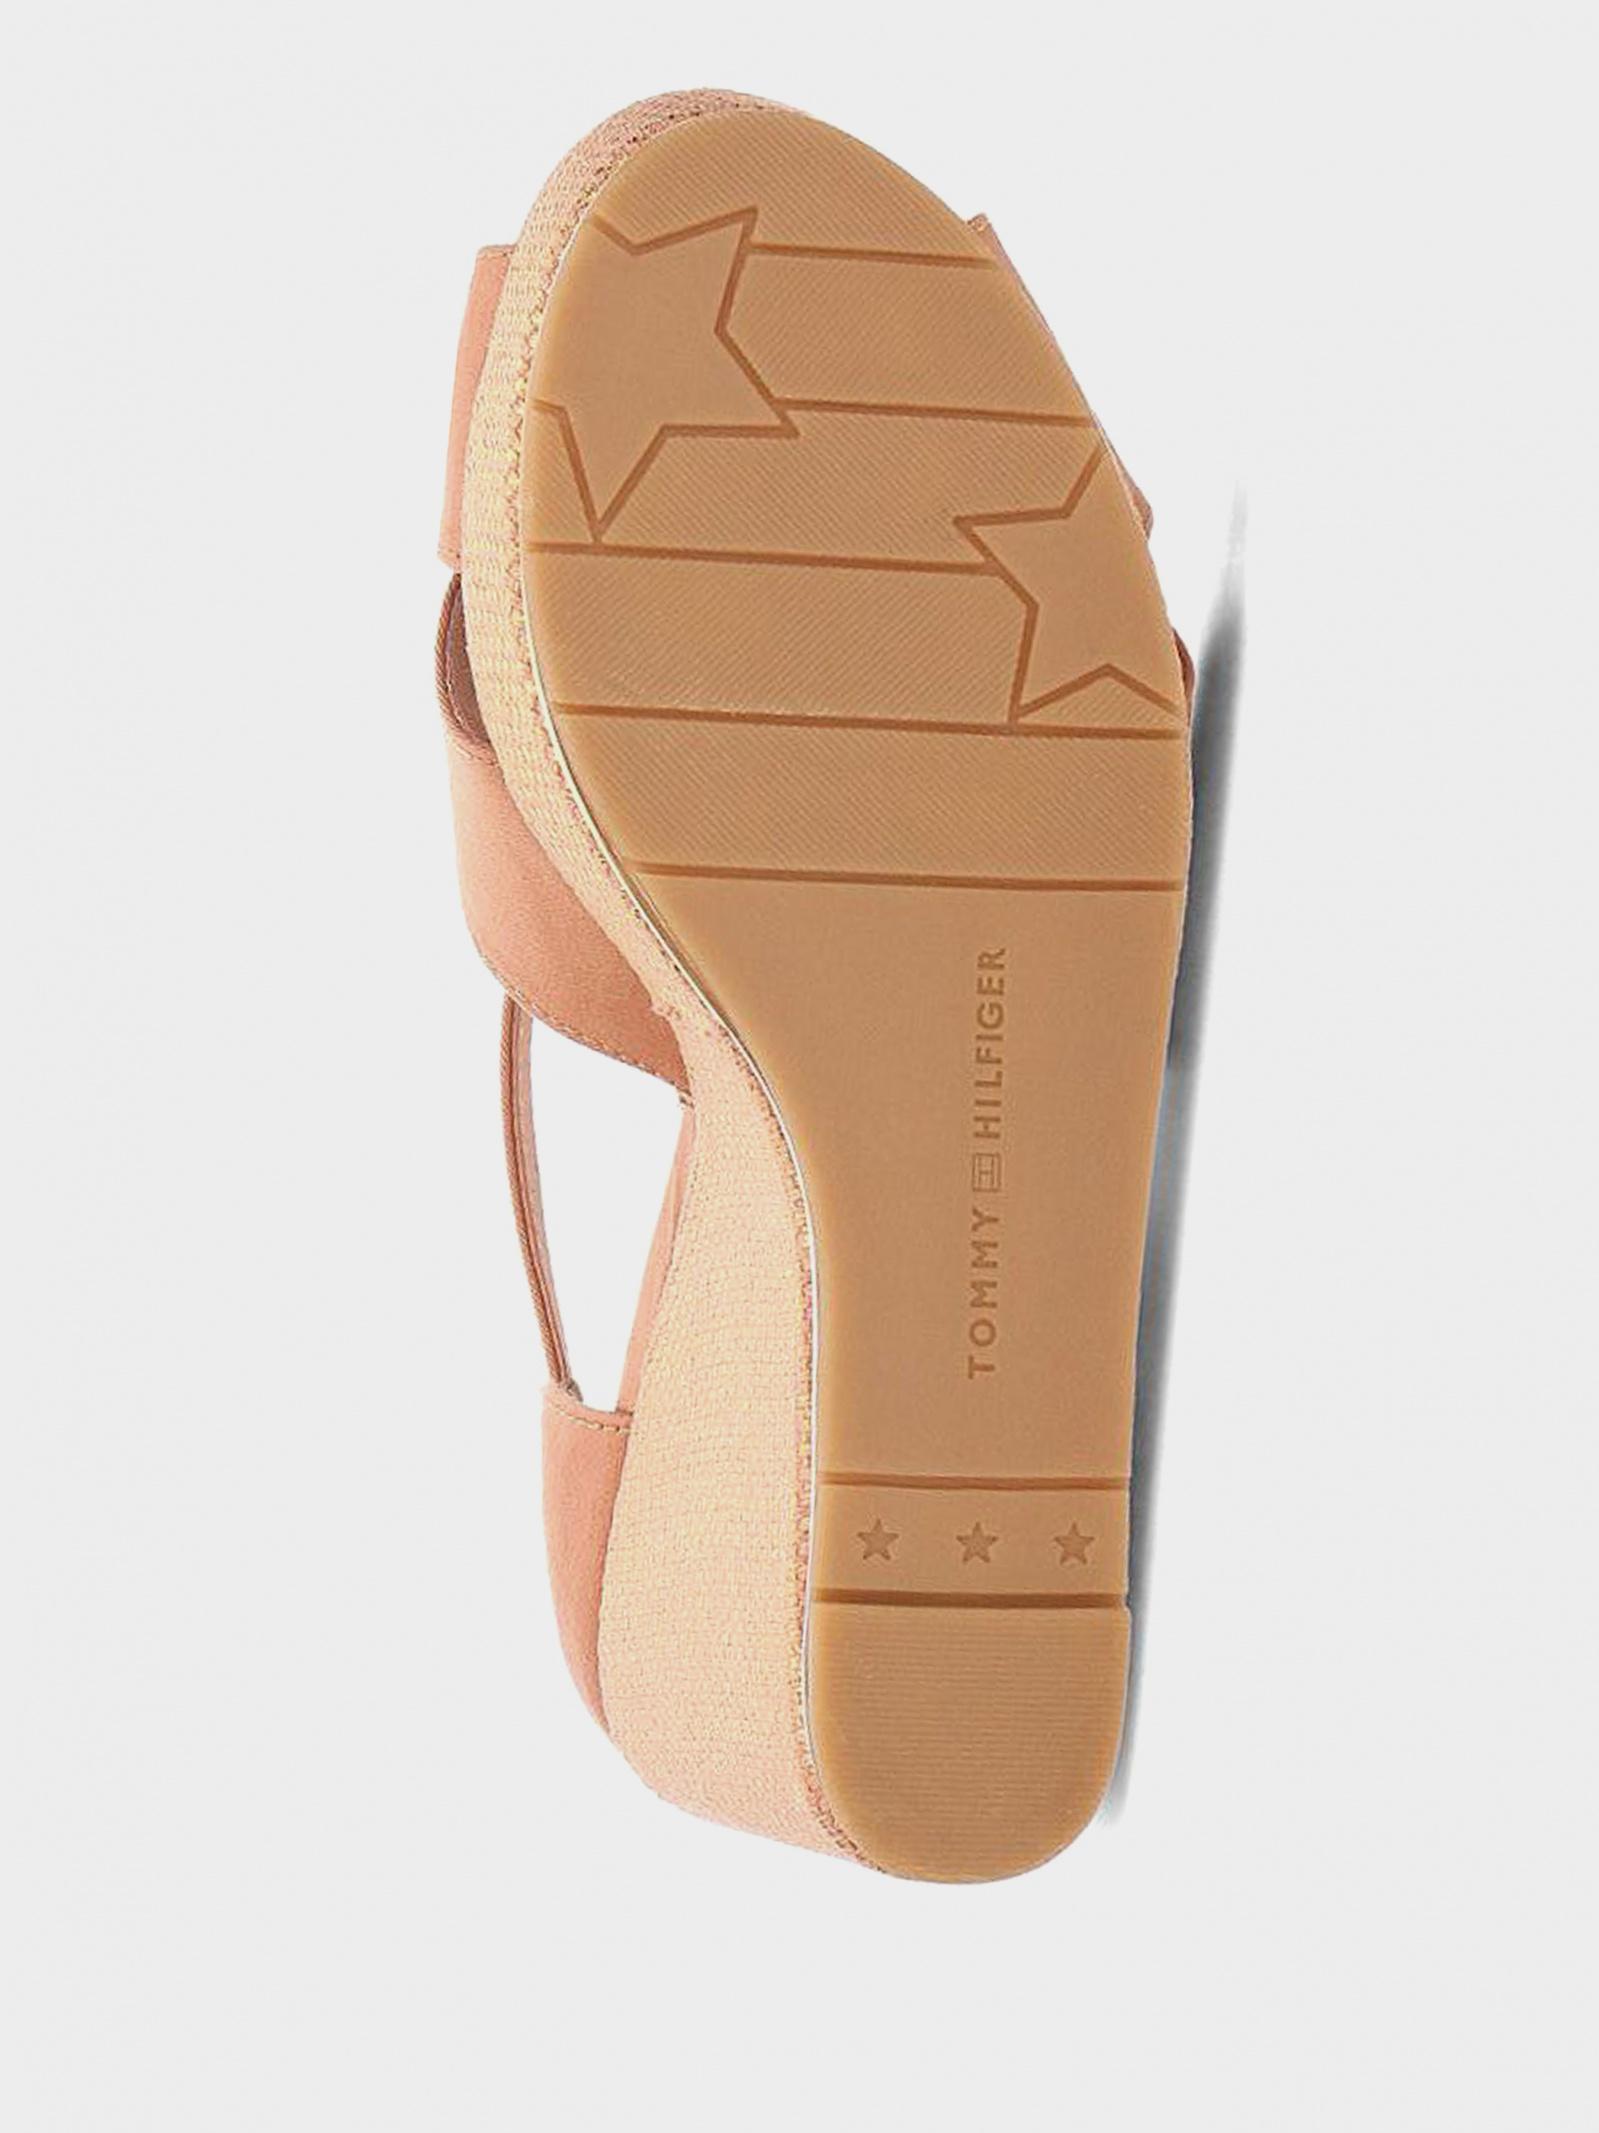 Босоніжки  жіночі Tommy Hilfiger FW0FW04078-297 продаж, 2017